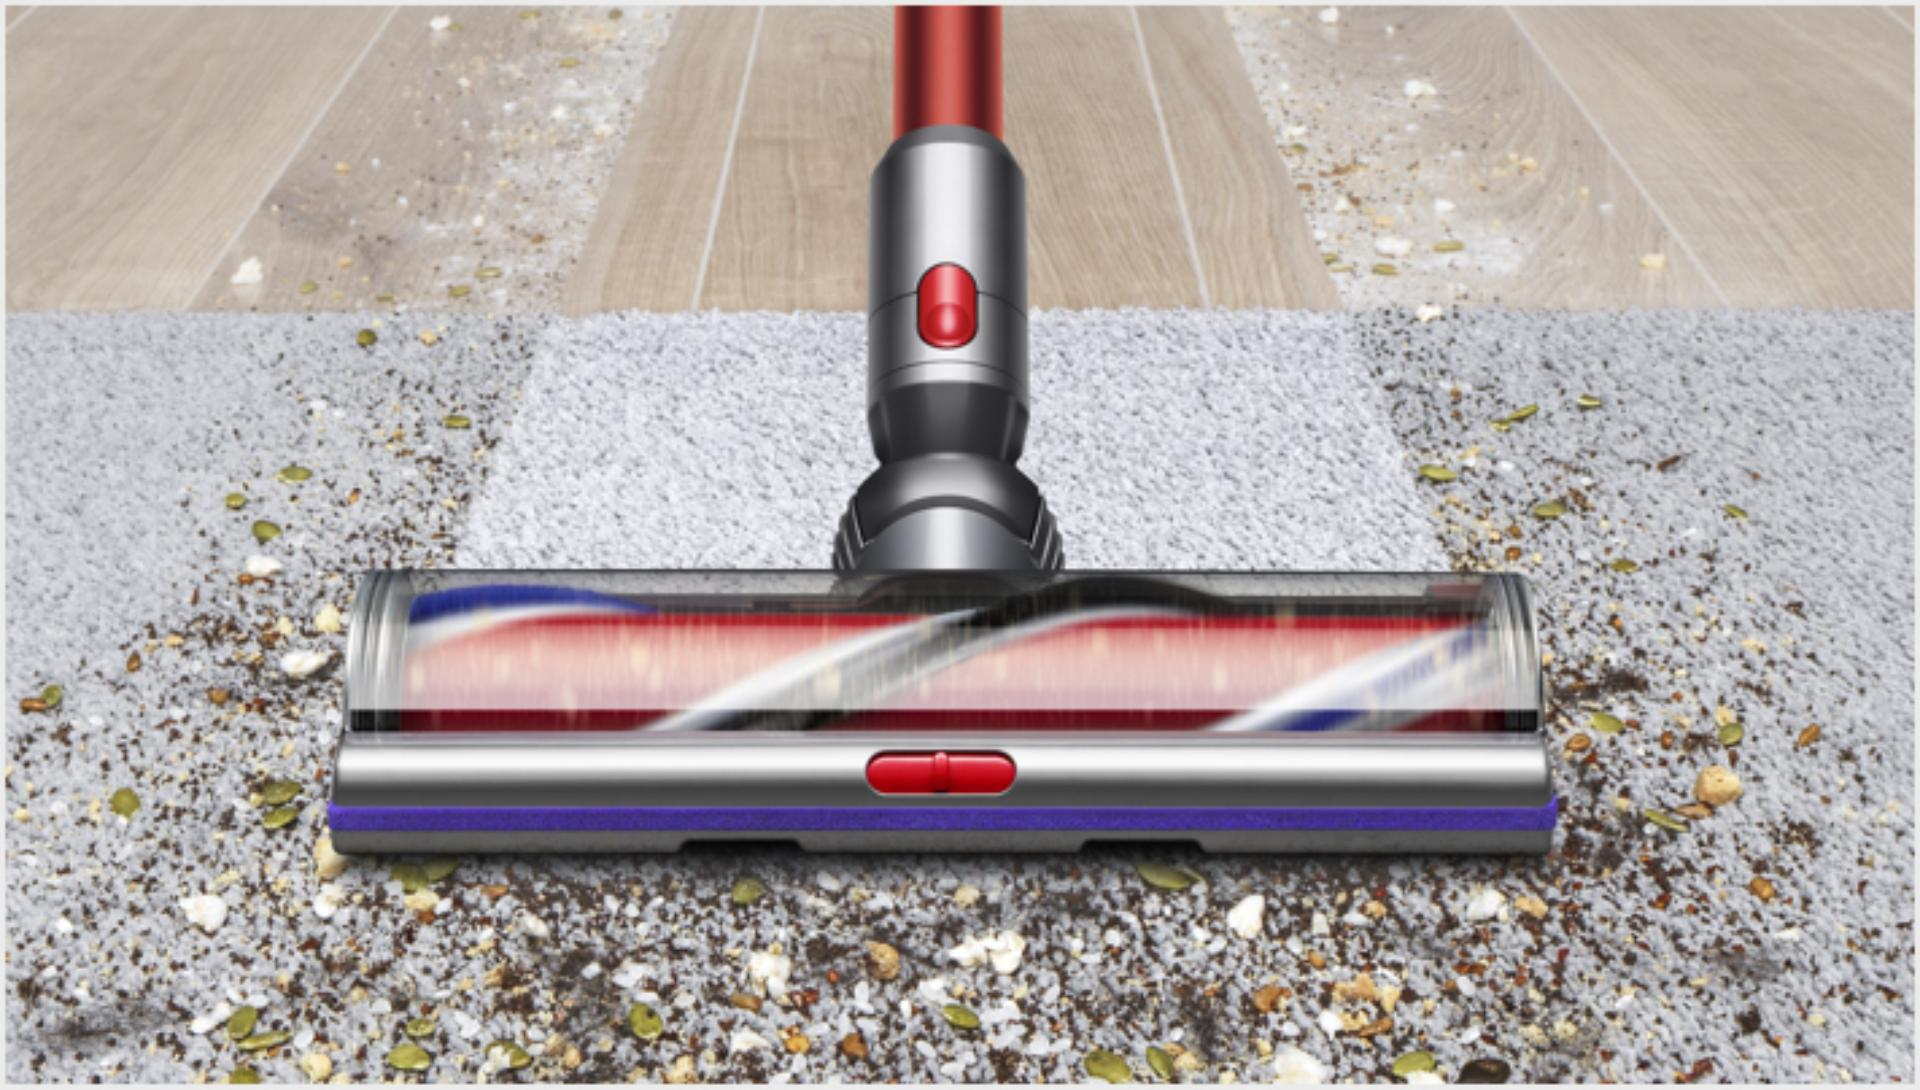 Podlahová hubice High Torque pohybující se z hladké podlahy na koberec